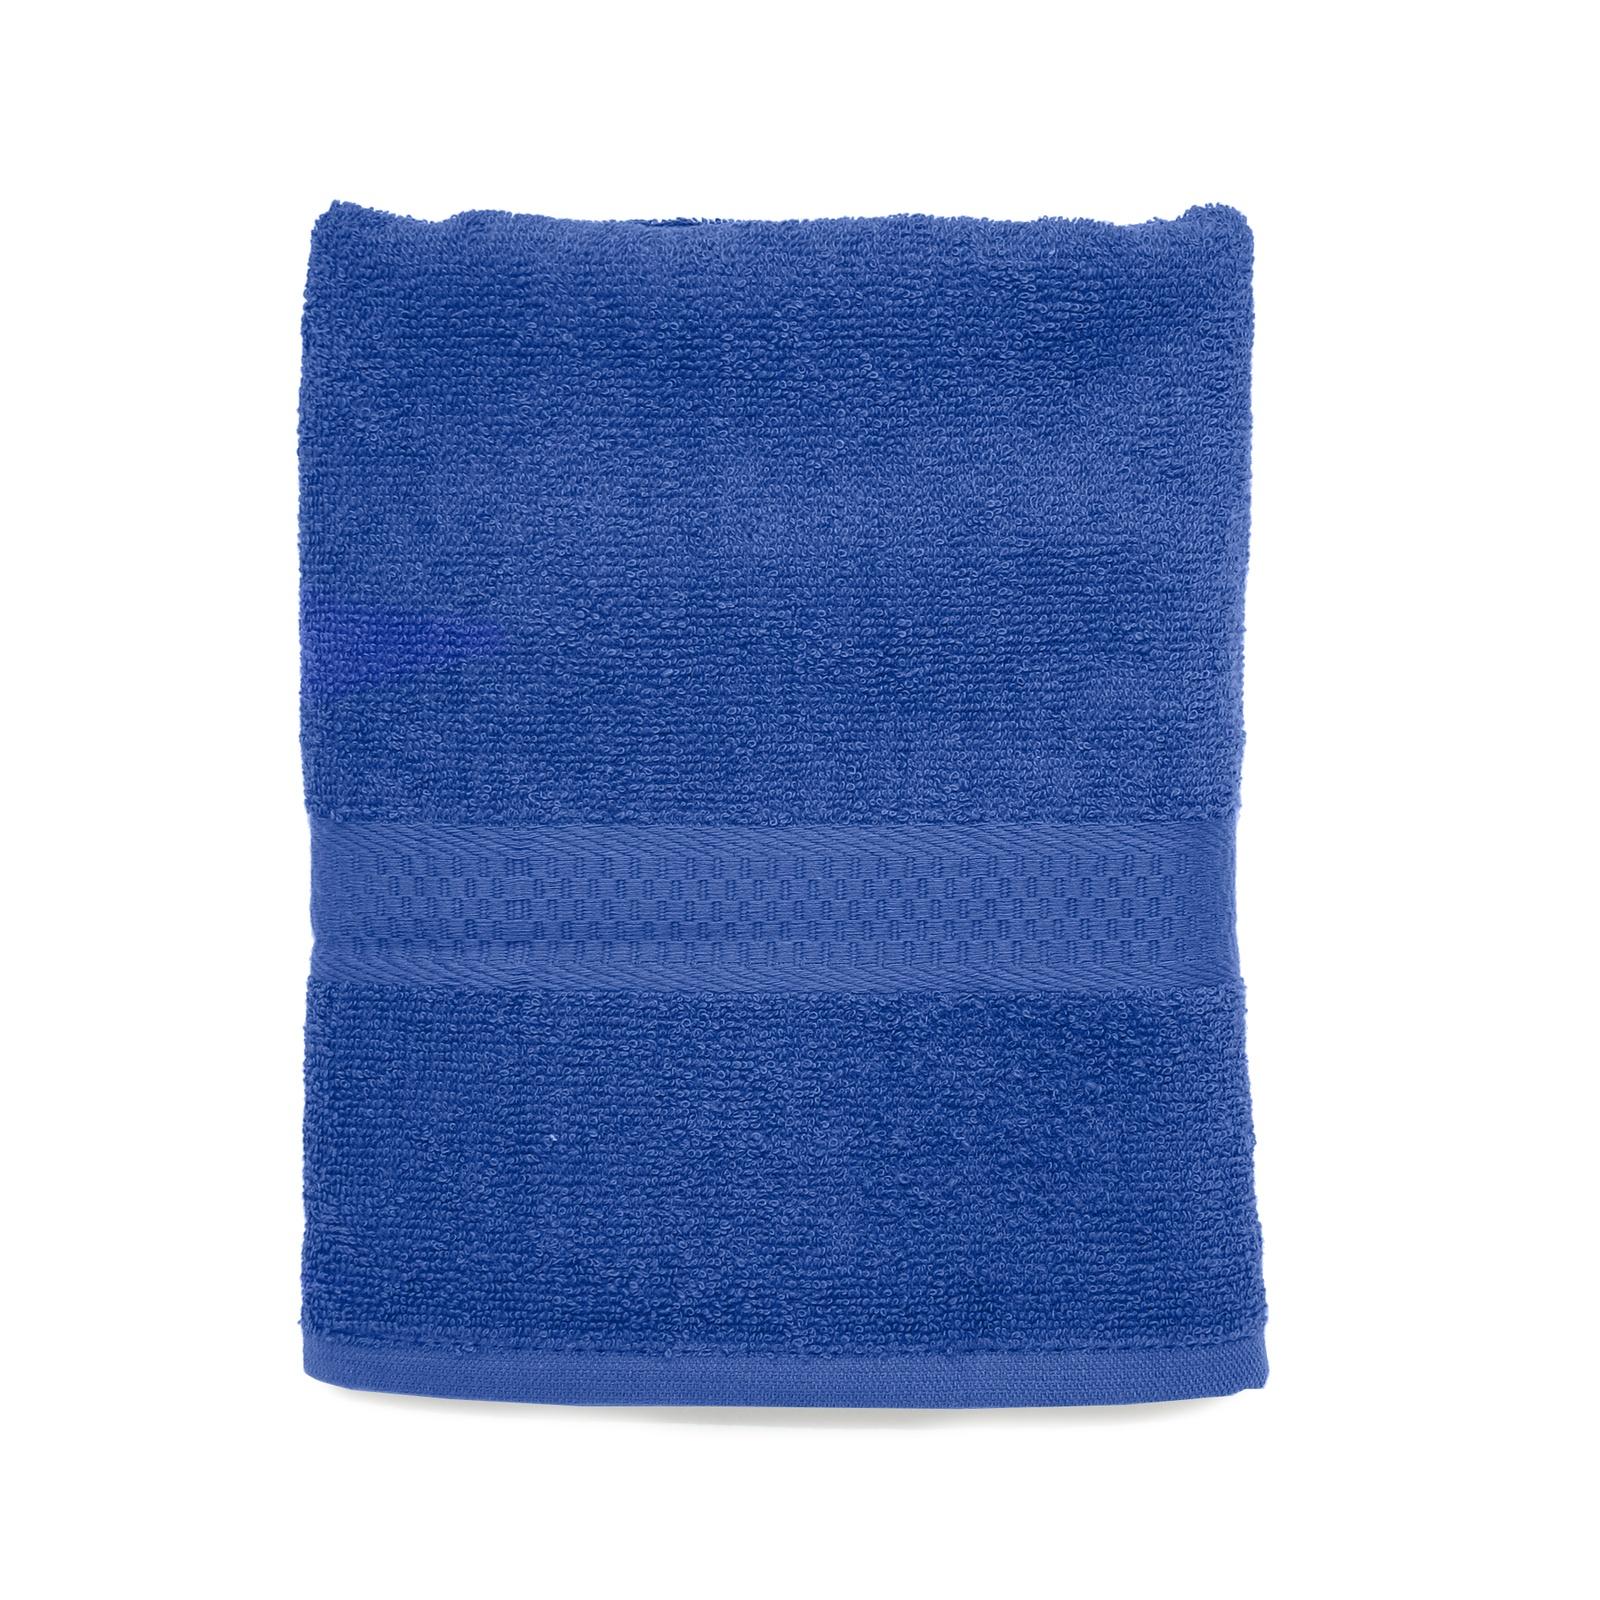 Полотенце банное Spany, 21311318199, махровое, синий, 70 х 130 см все цены